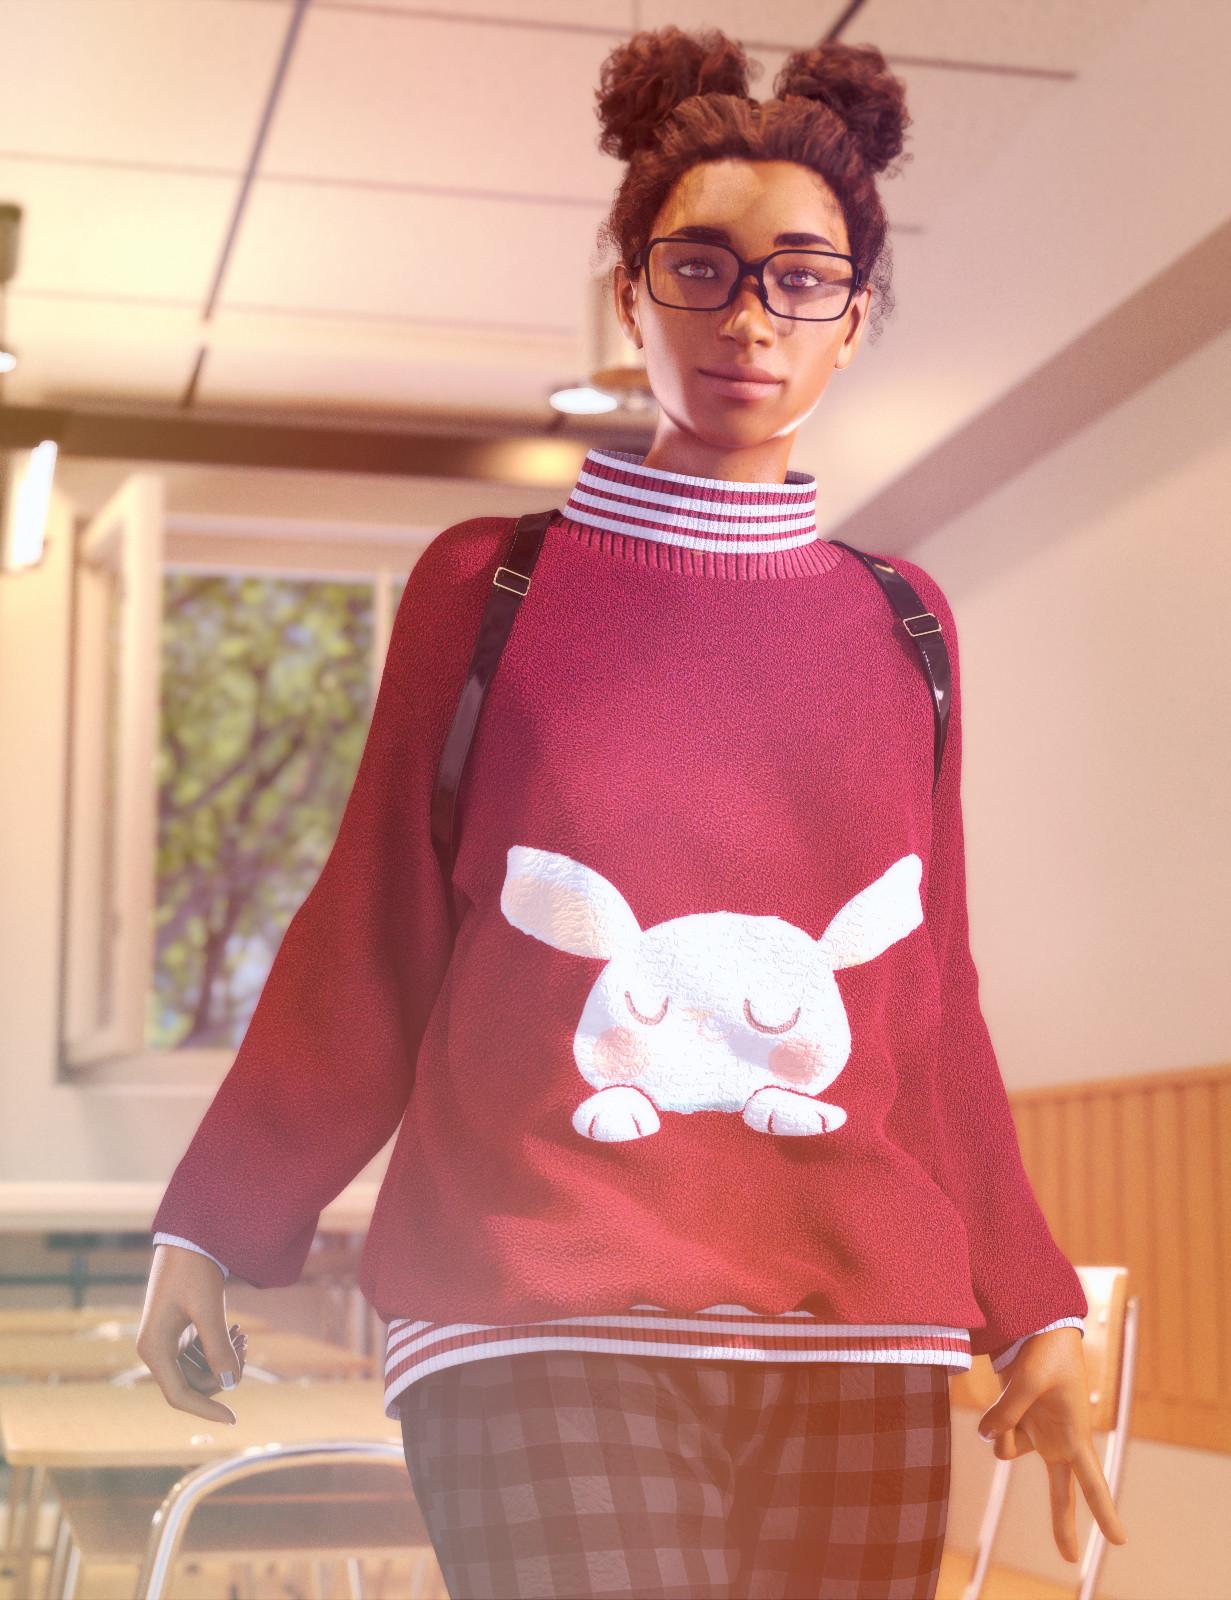 Nurys as a school girl